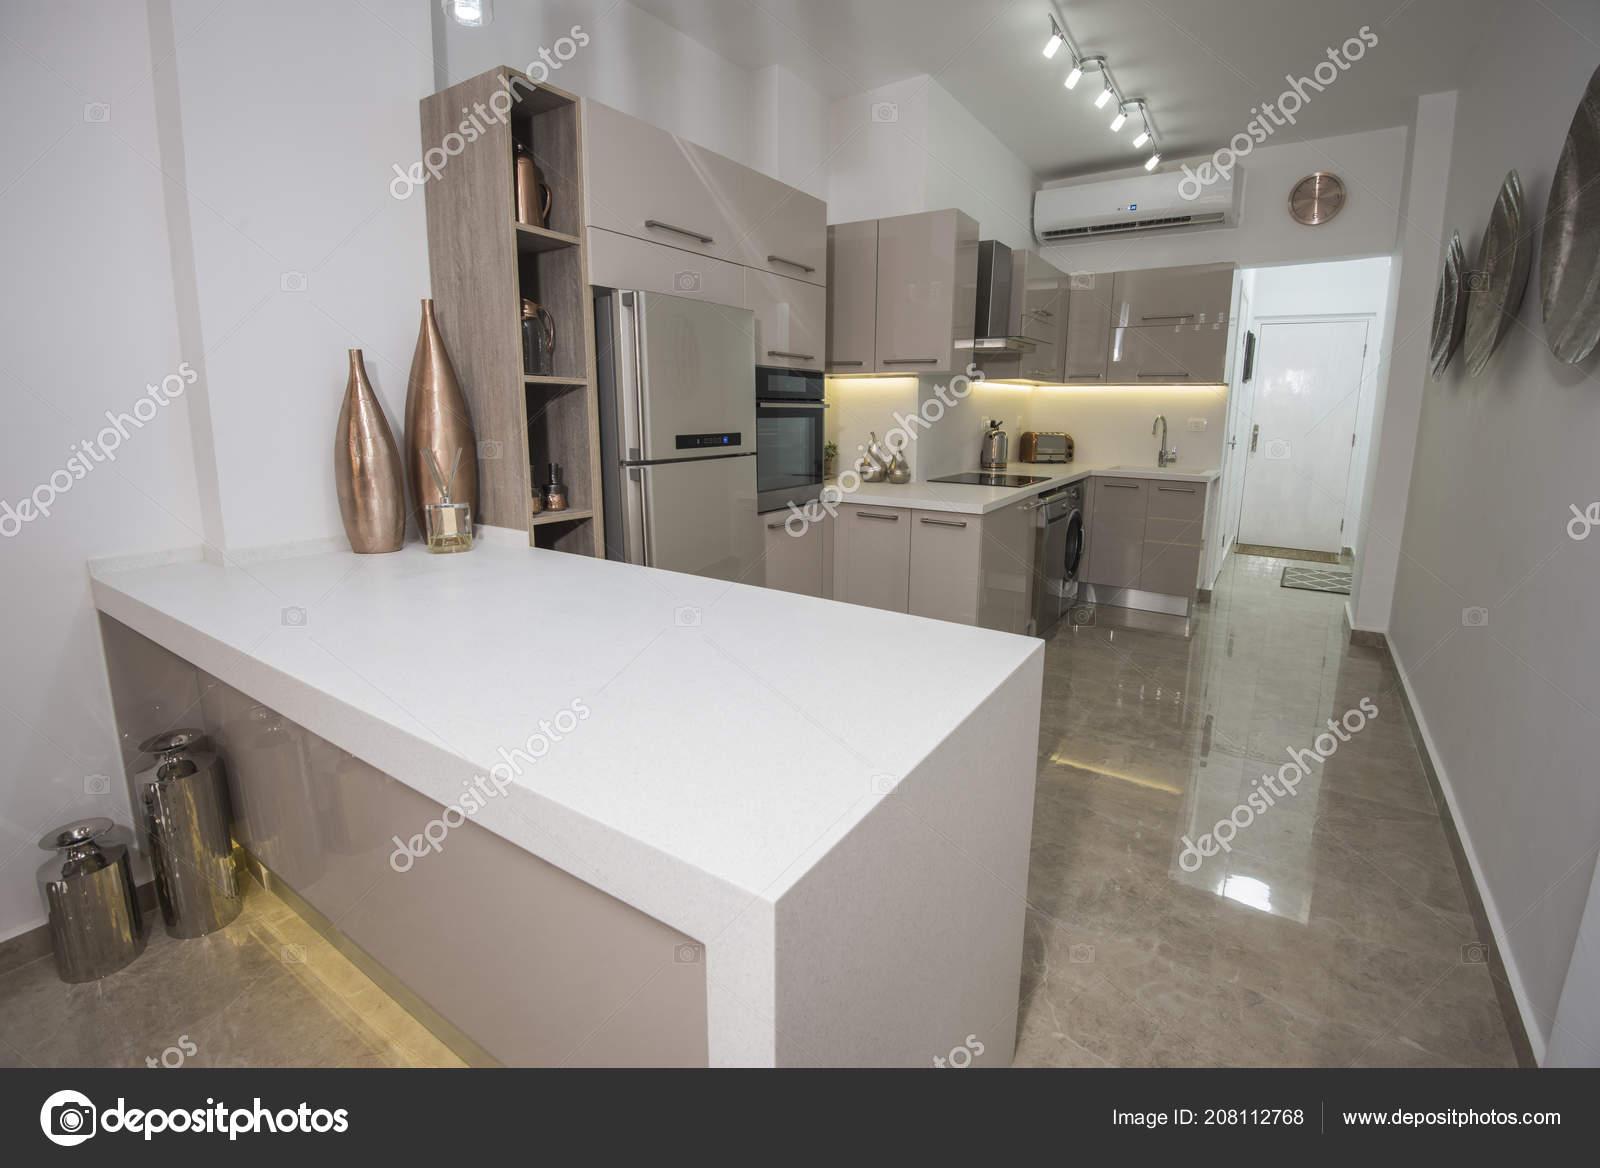 Design Keuken Showroom : Interieur design decor met moderne keuken toestellen luxe